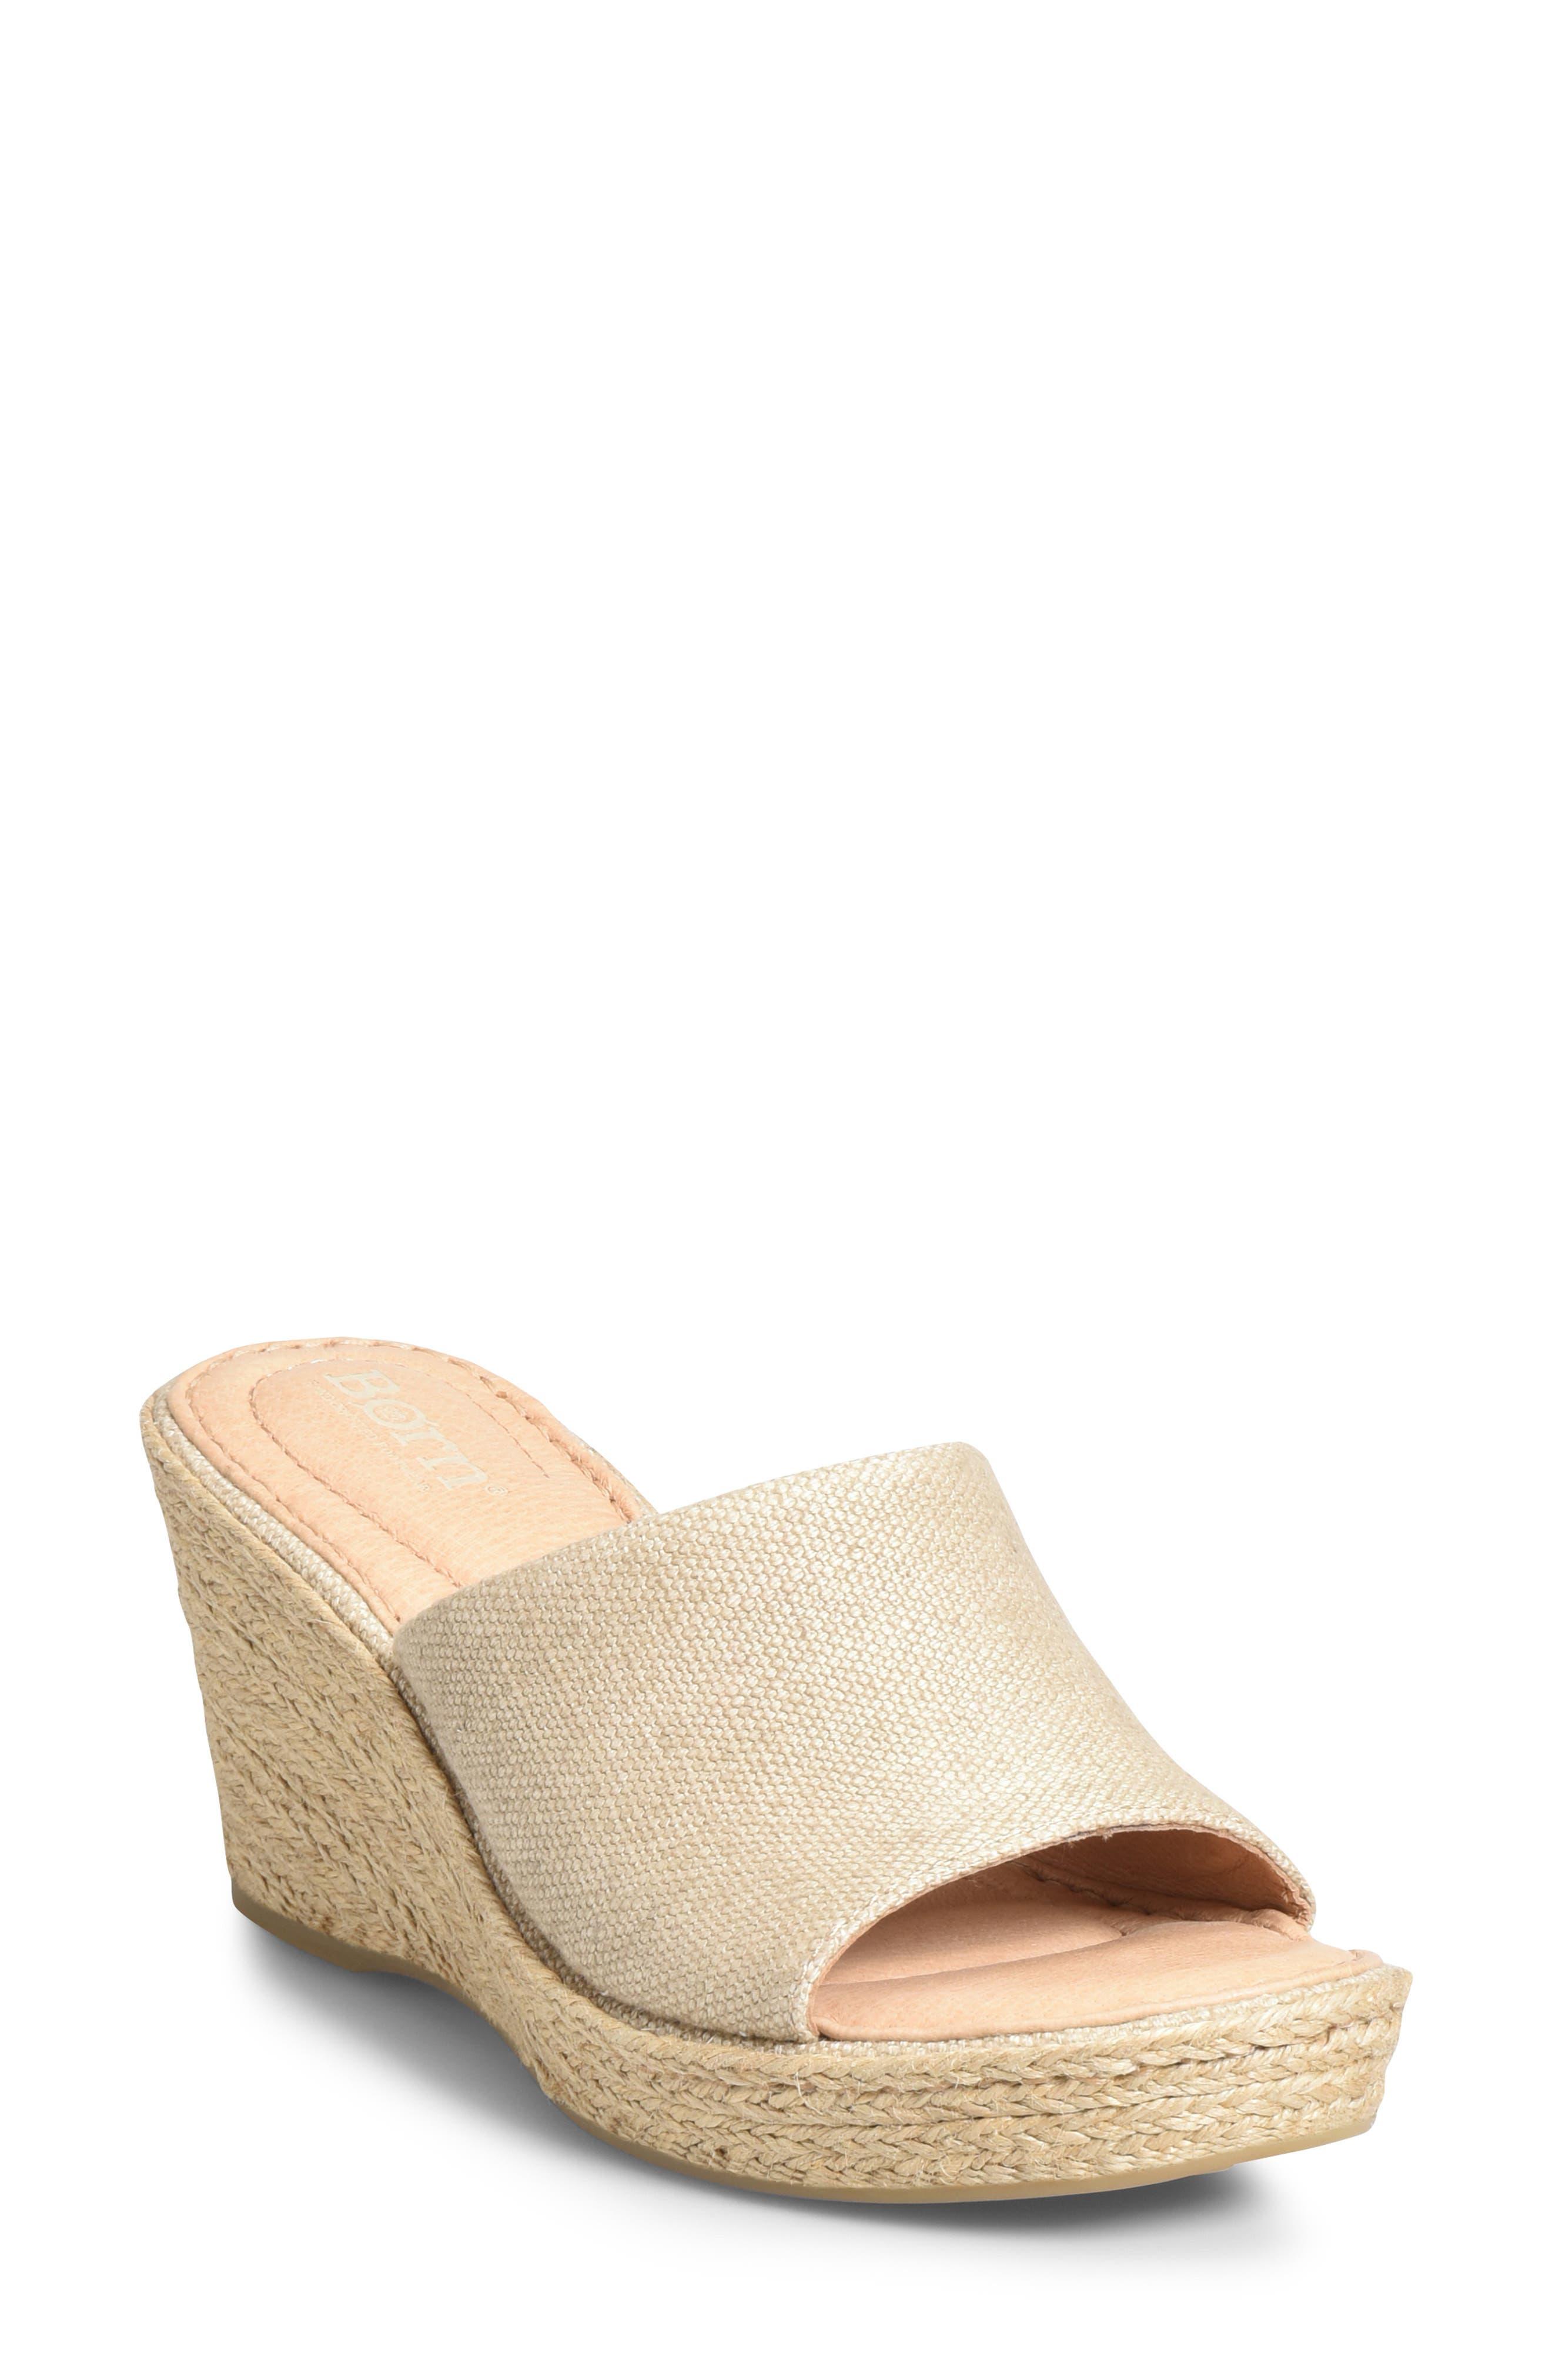 B?rn Missoula Wedge Sandal, Beige